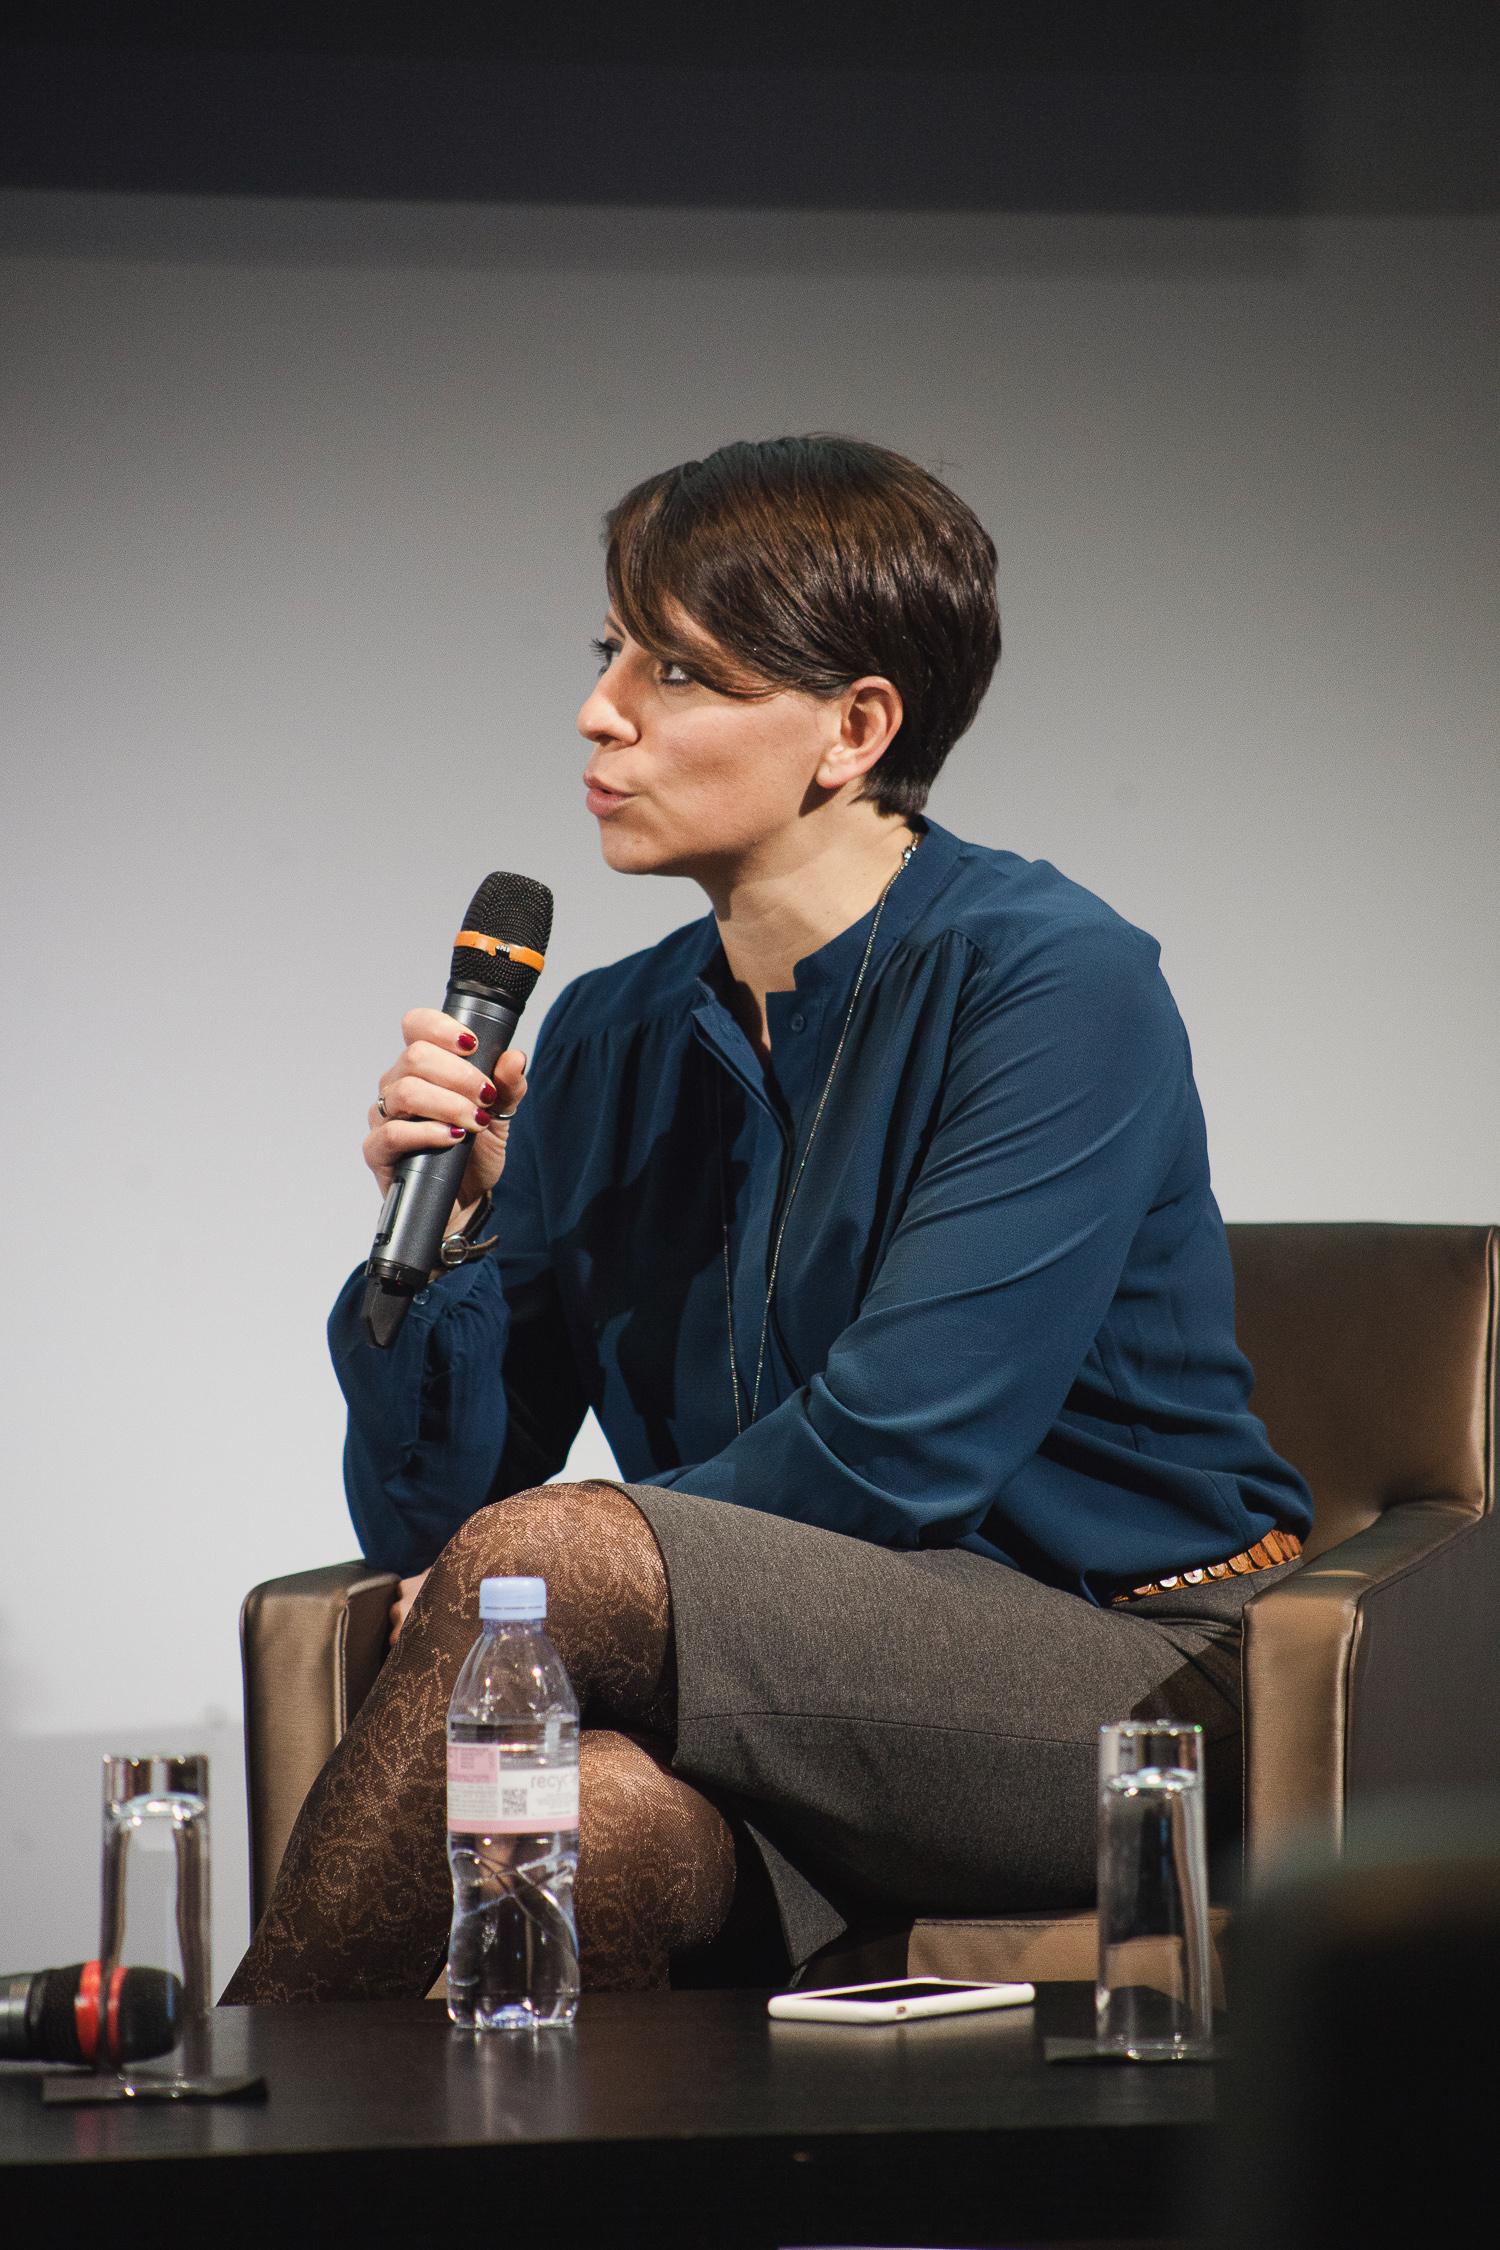 Héloïse Beldico-Pachot (La Banque Postale) - IN BANQUE 2016 - Crédit photo : Guillermo Gomez